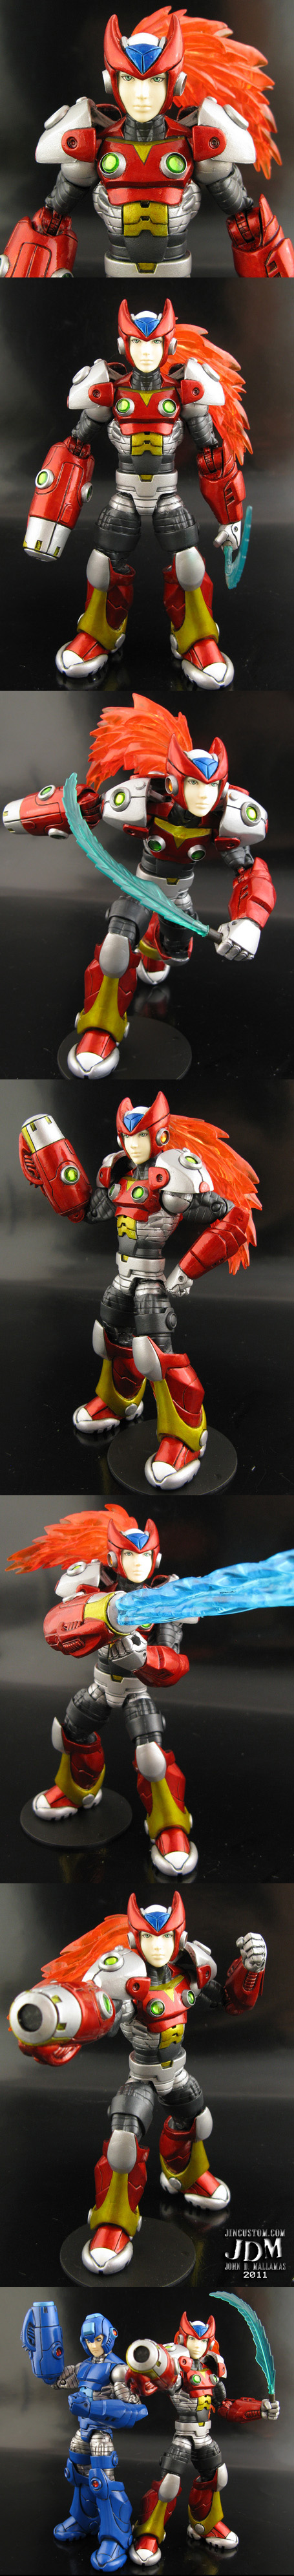 Megaman Zero Custom Figure